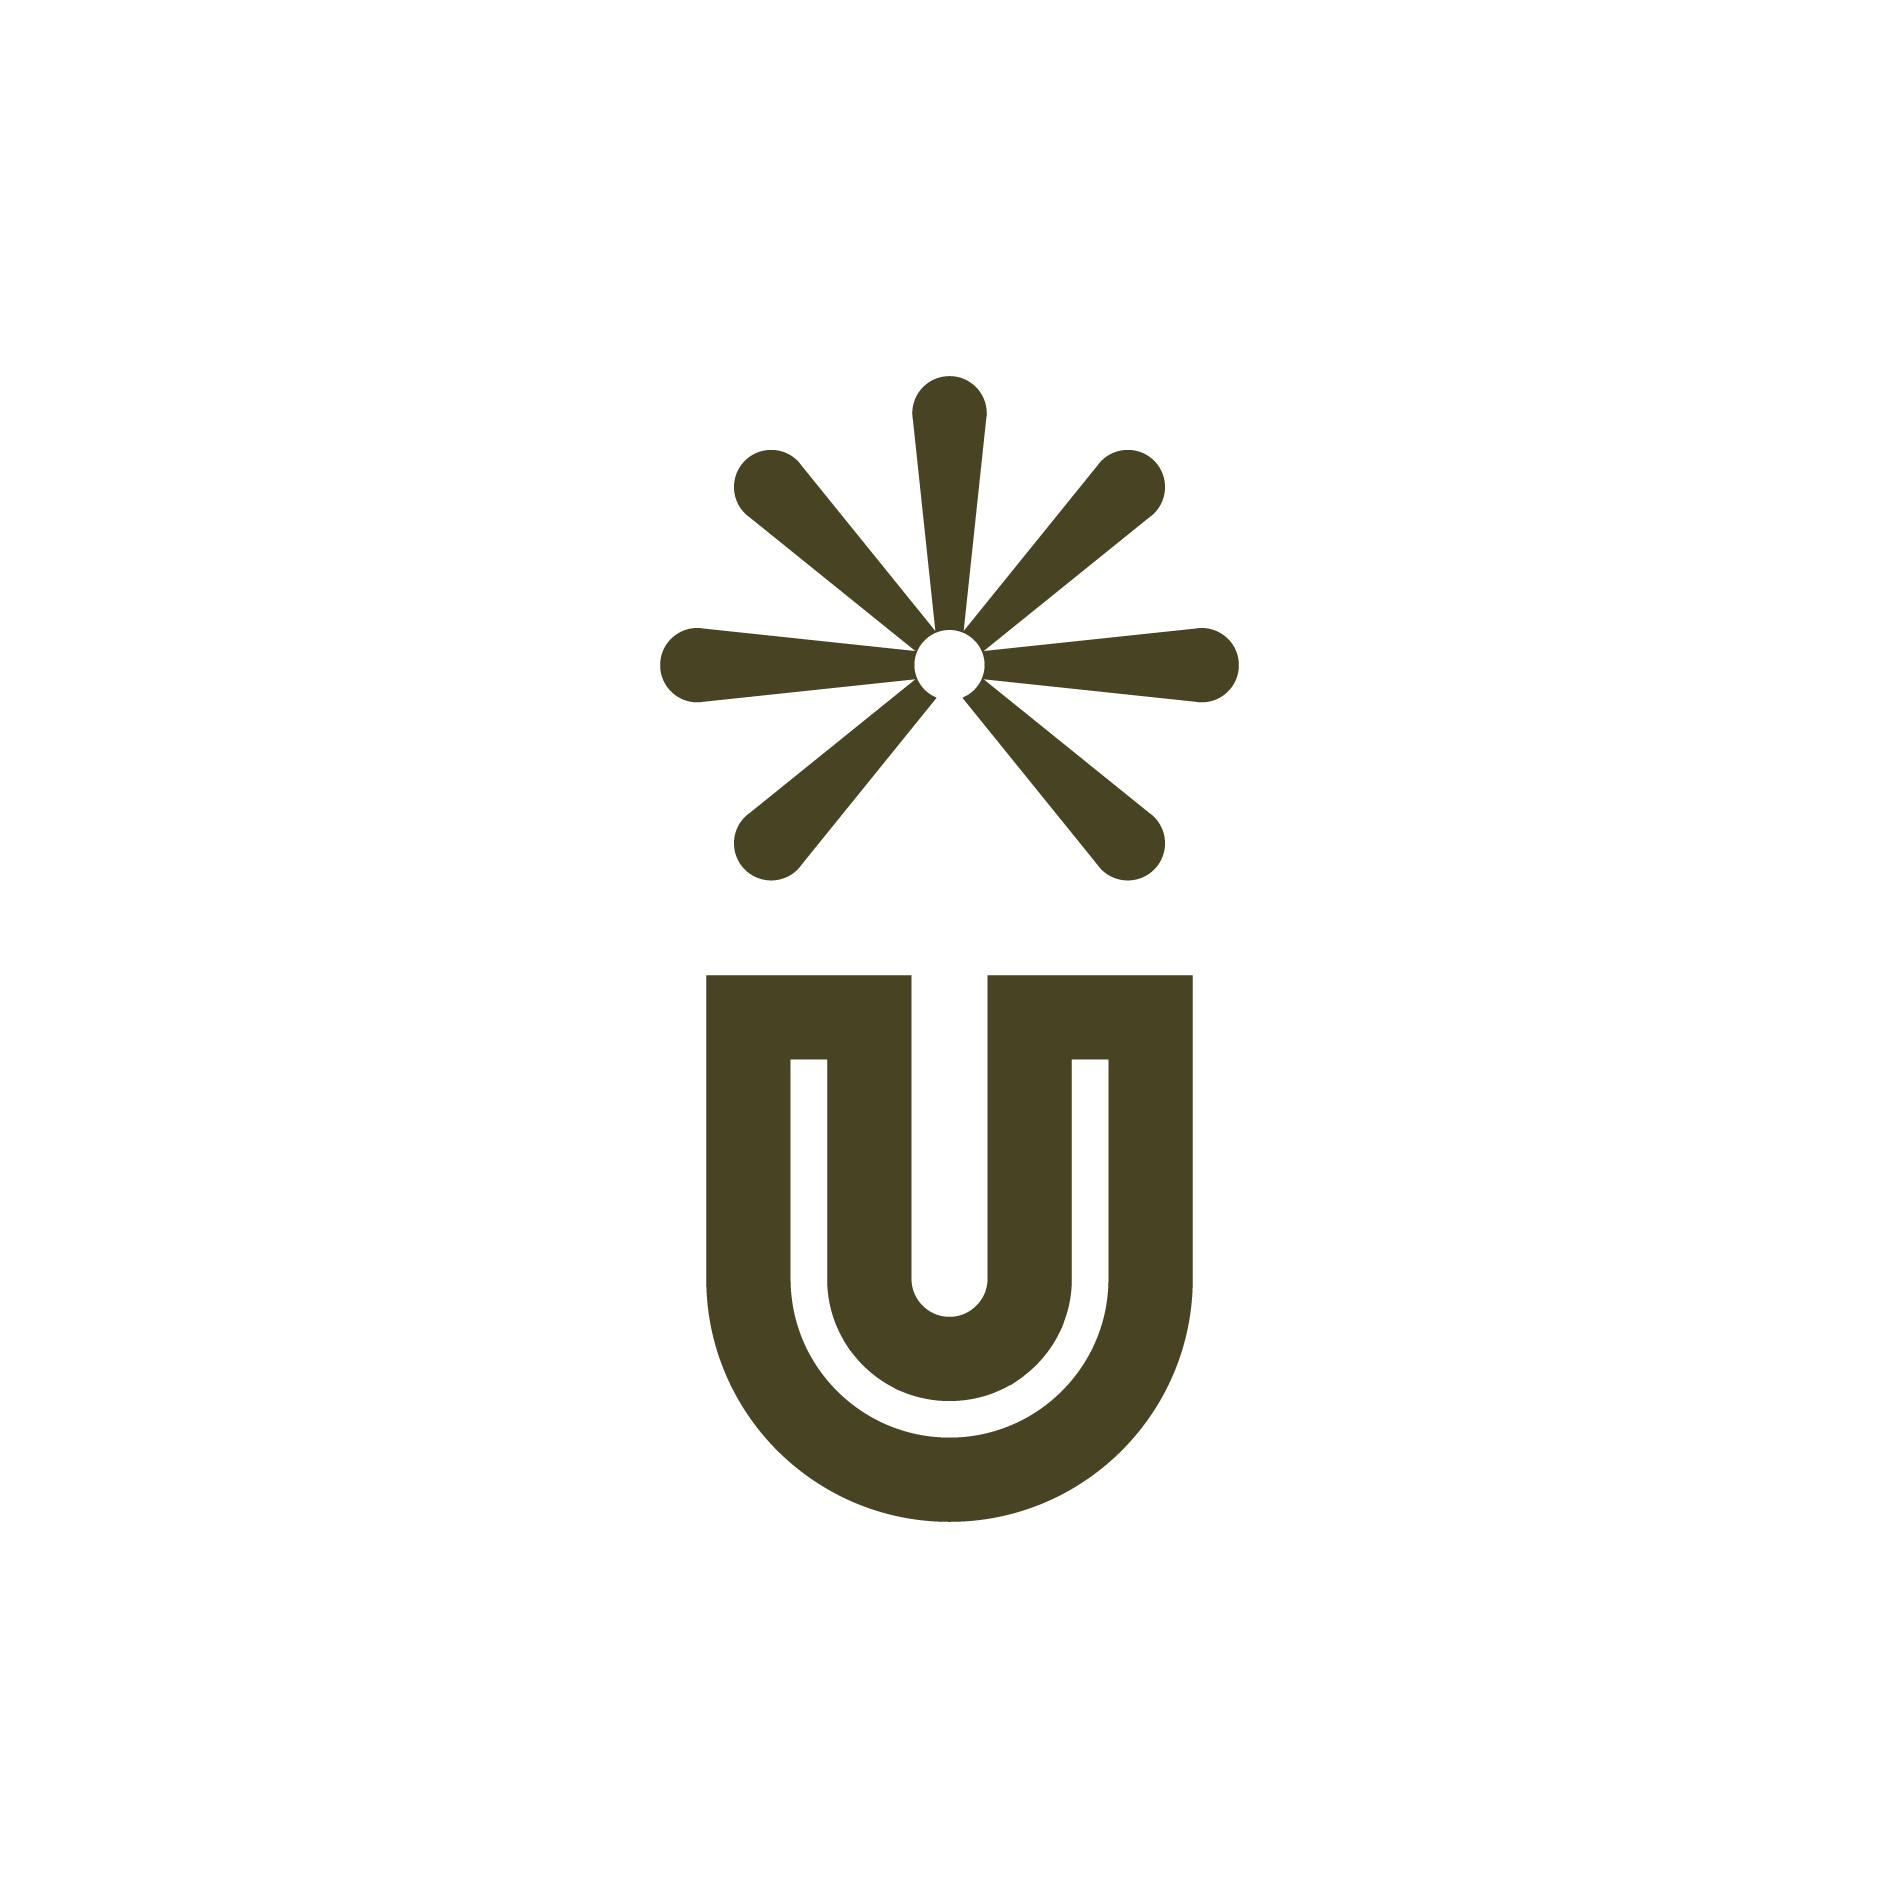 Upside_logo1.png